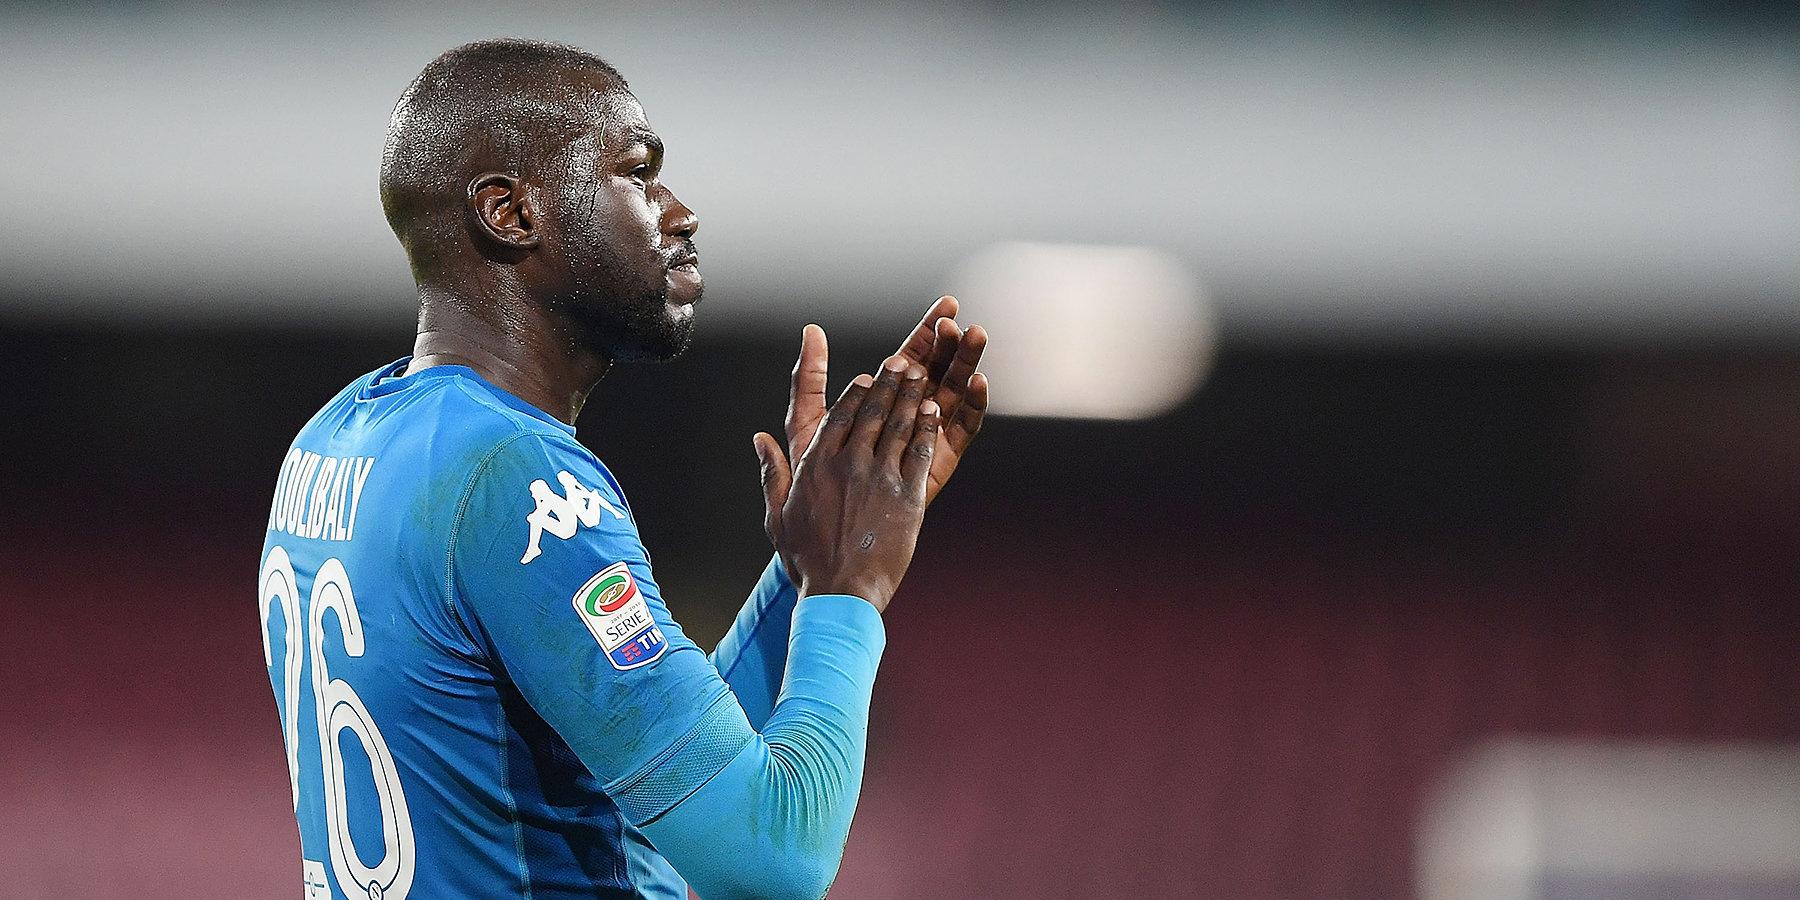 Игрок «Наполи» Кулибали заявил, что стал жертвой расизма